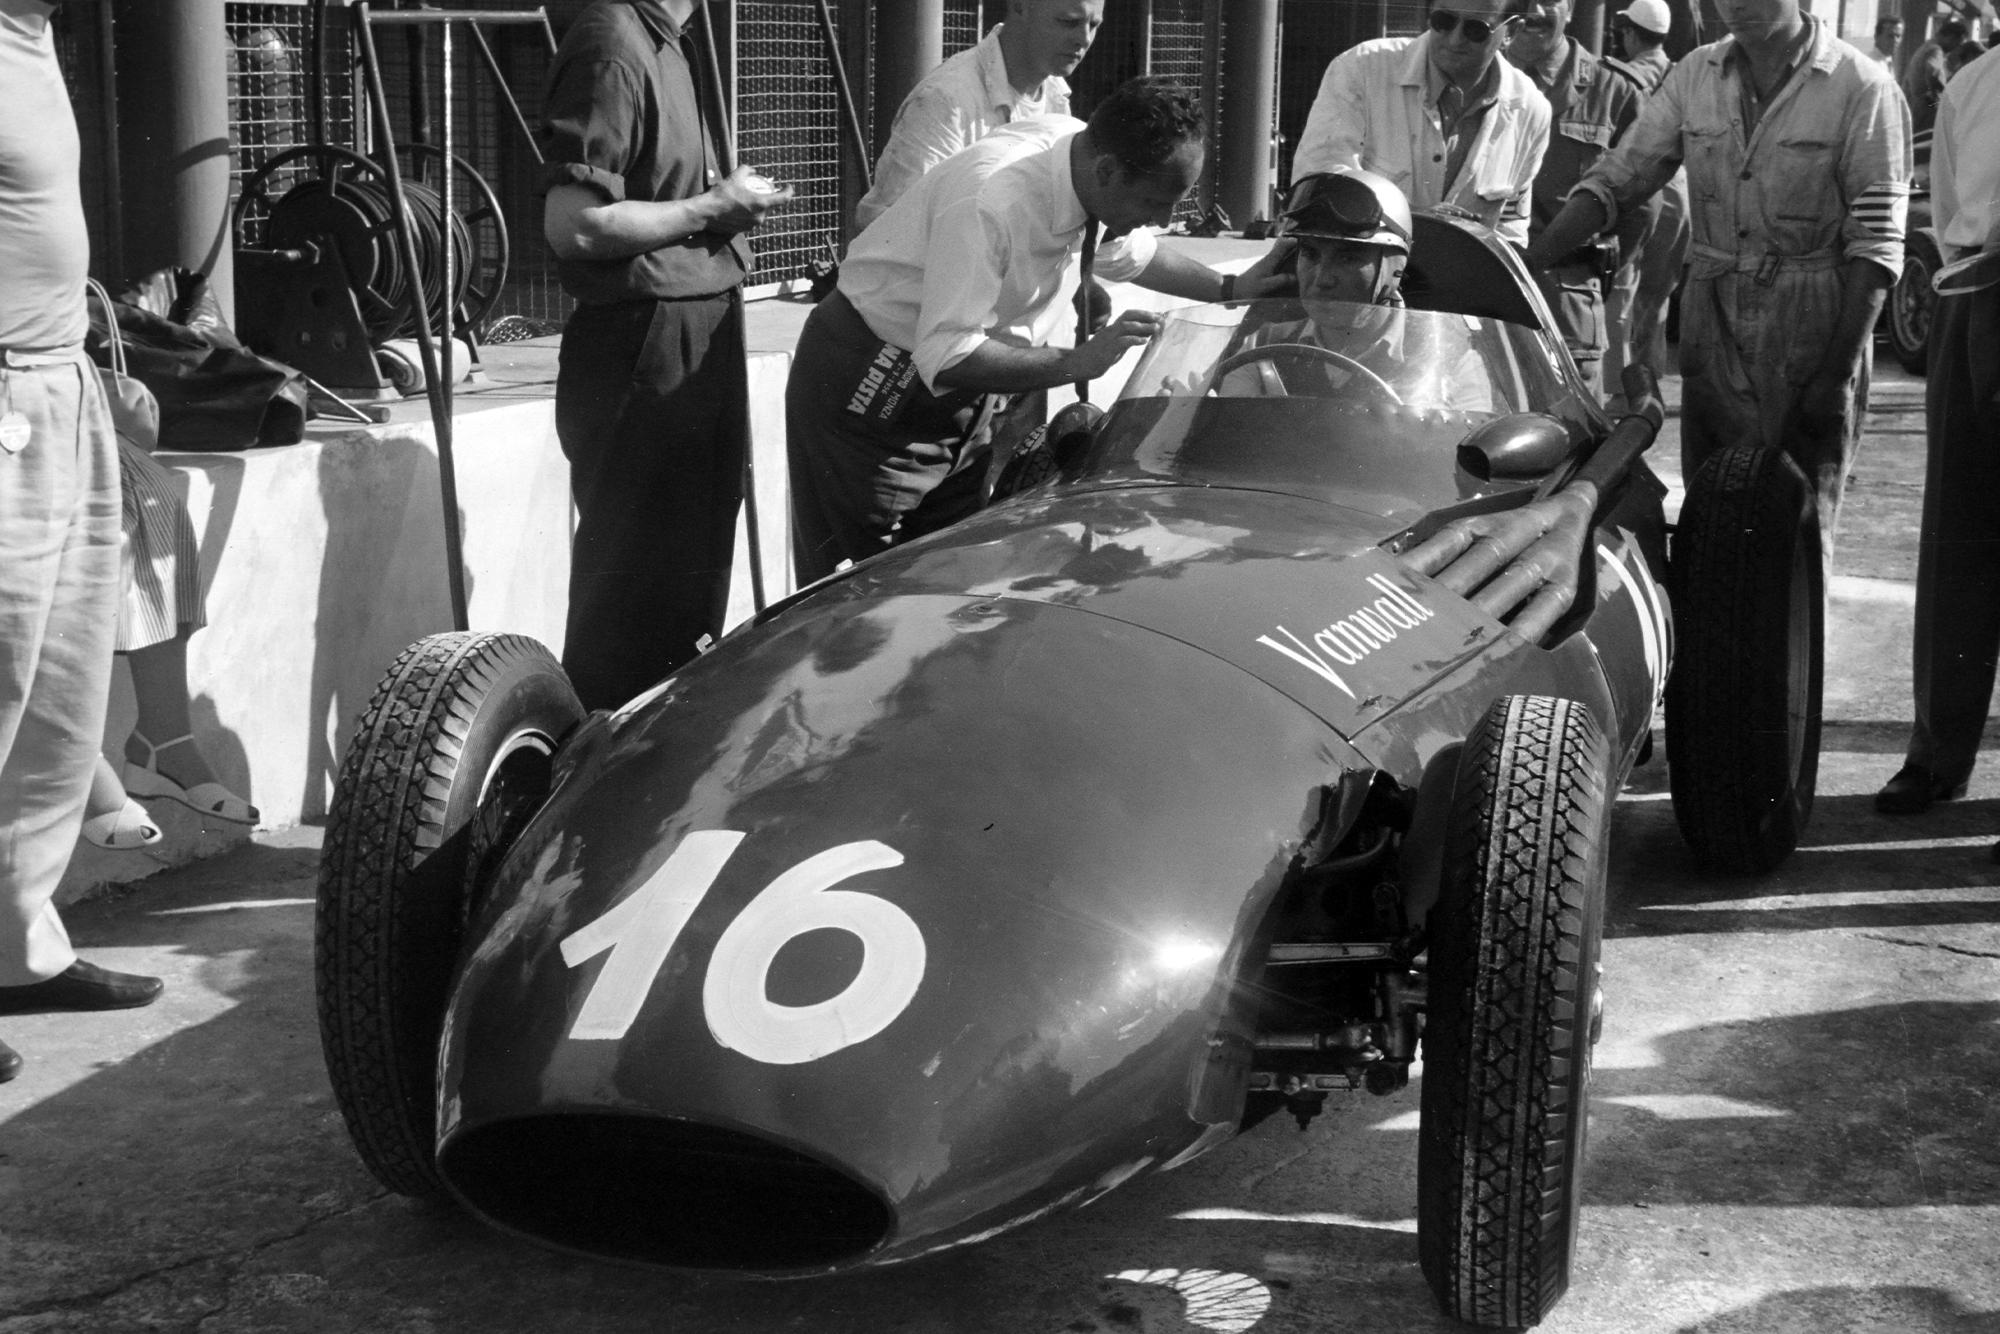 Piero Taruffi in the pits in his Vanwall, 1956 Italian Grand Prix, Monza.